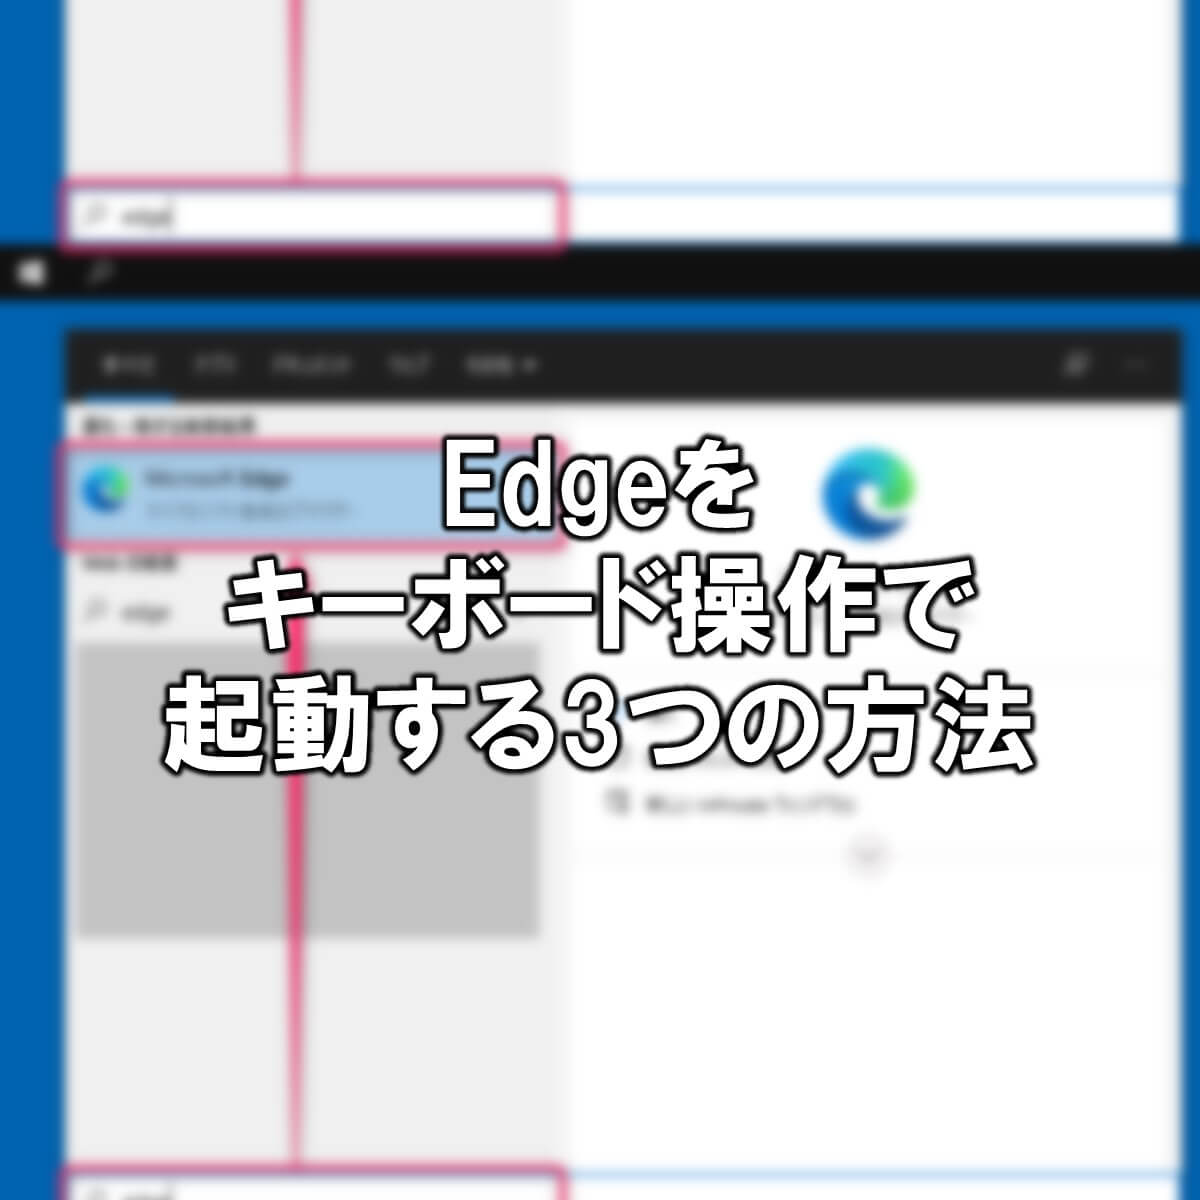 Edgeをキーボード操作で起動する3つの方法